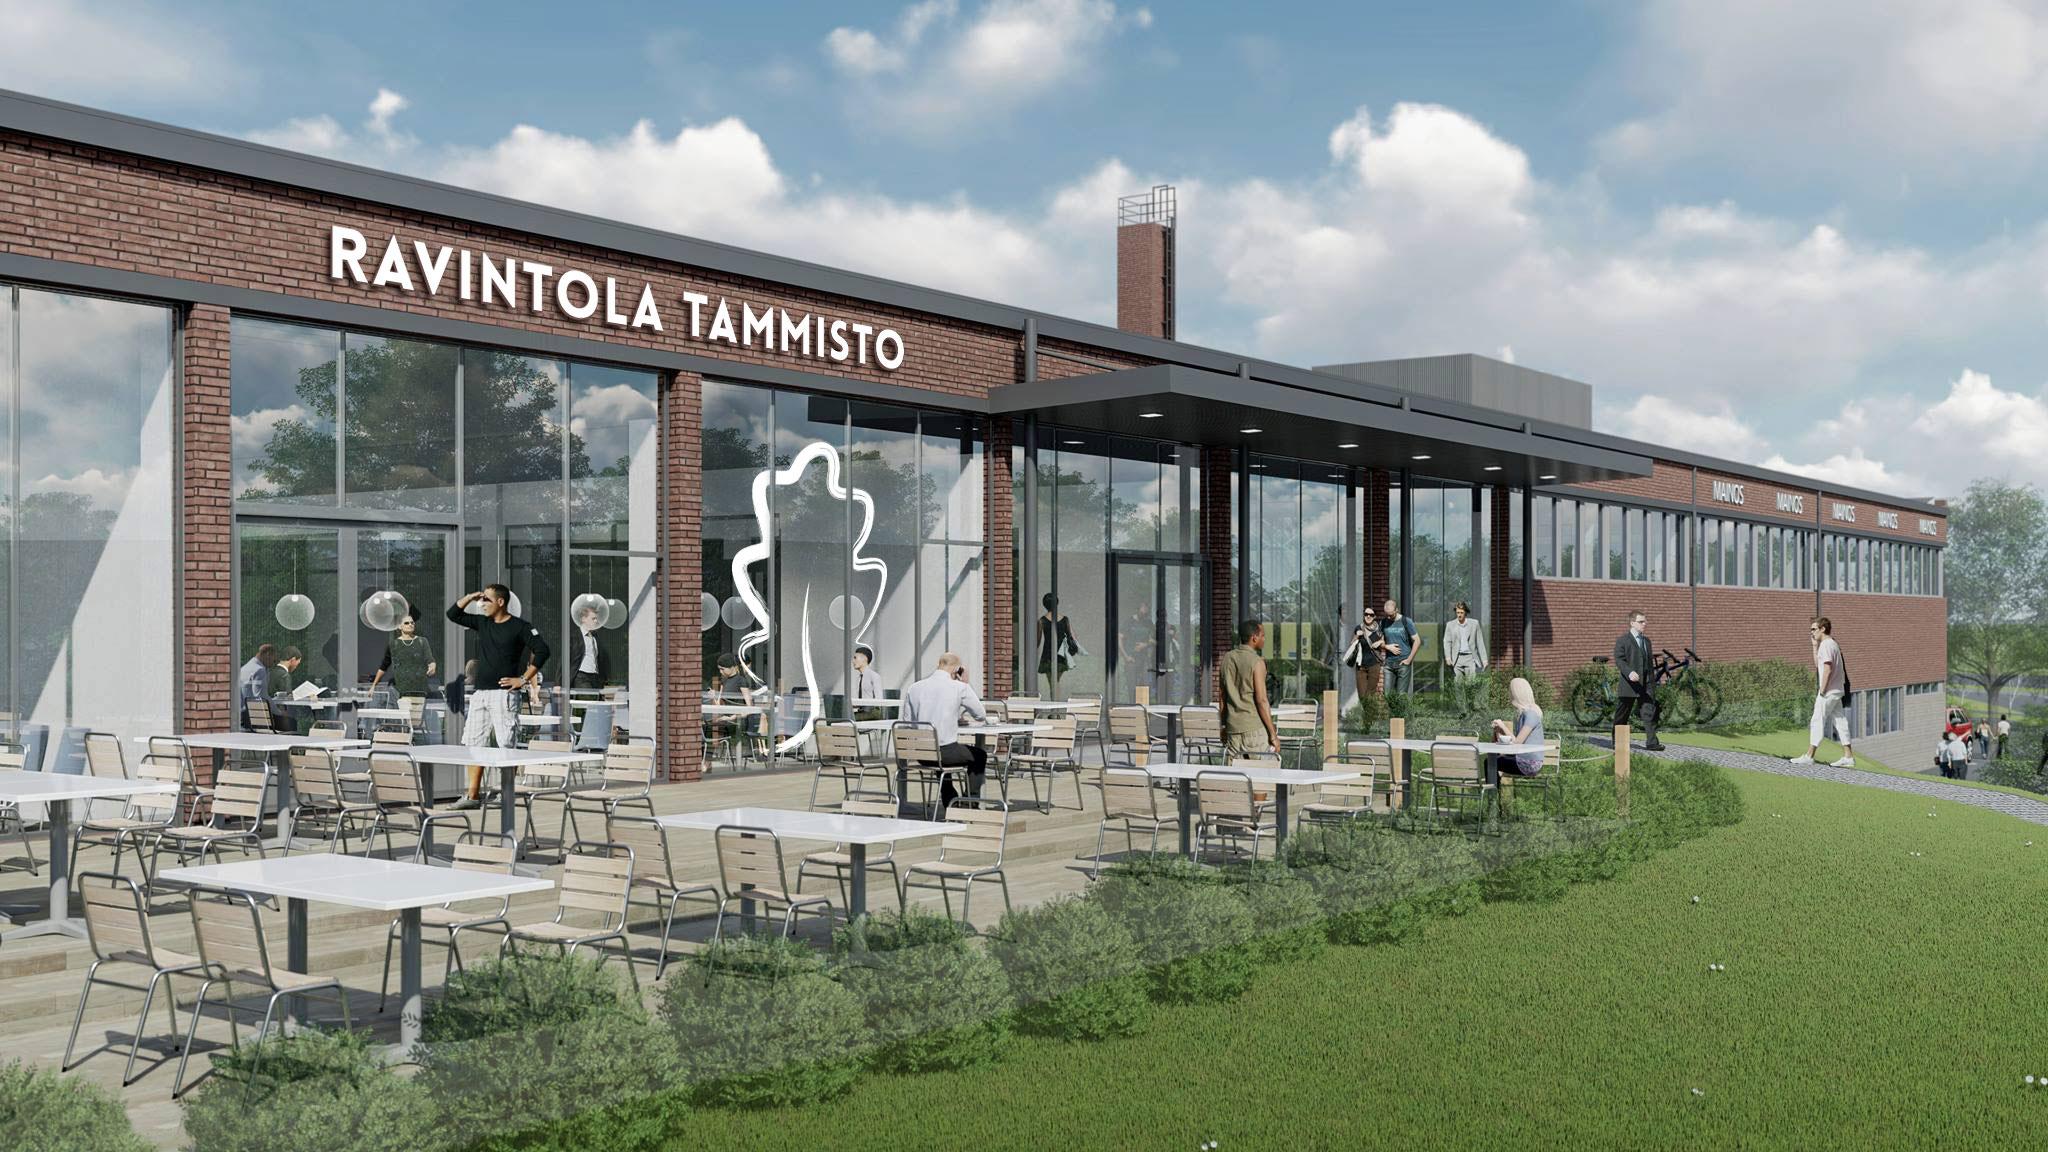 Ravintola Tammisto